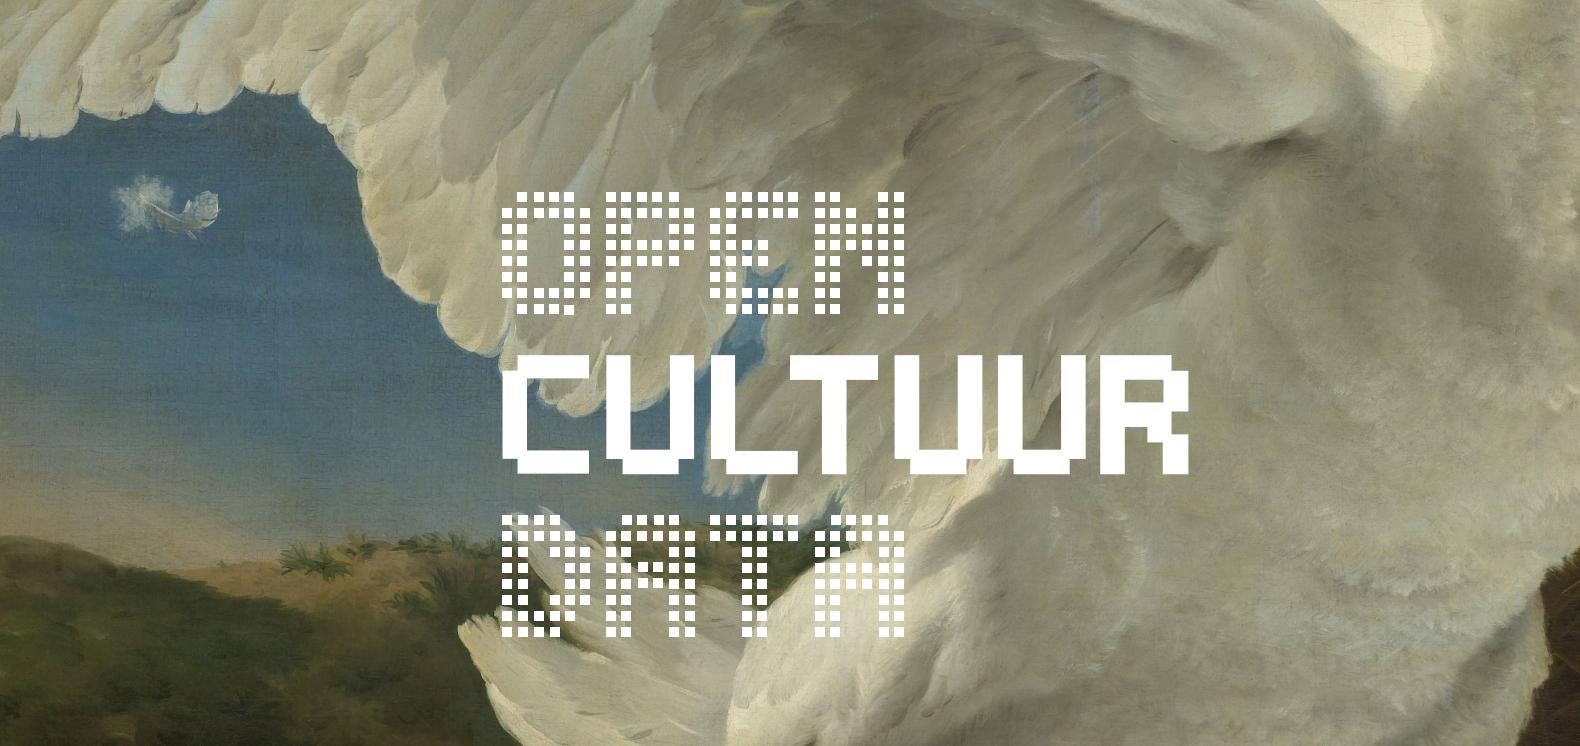 opencultuurdata